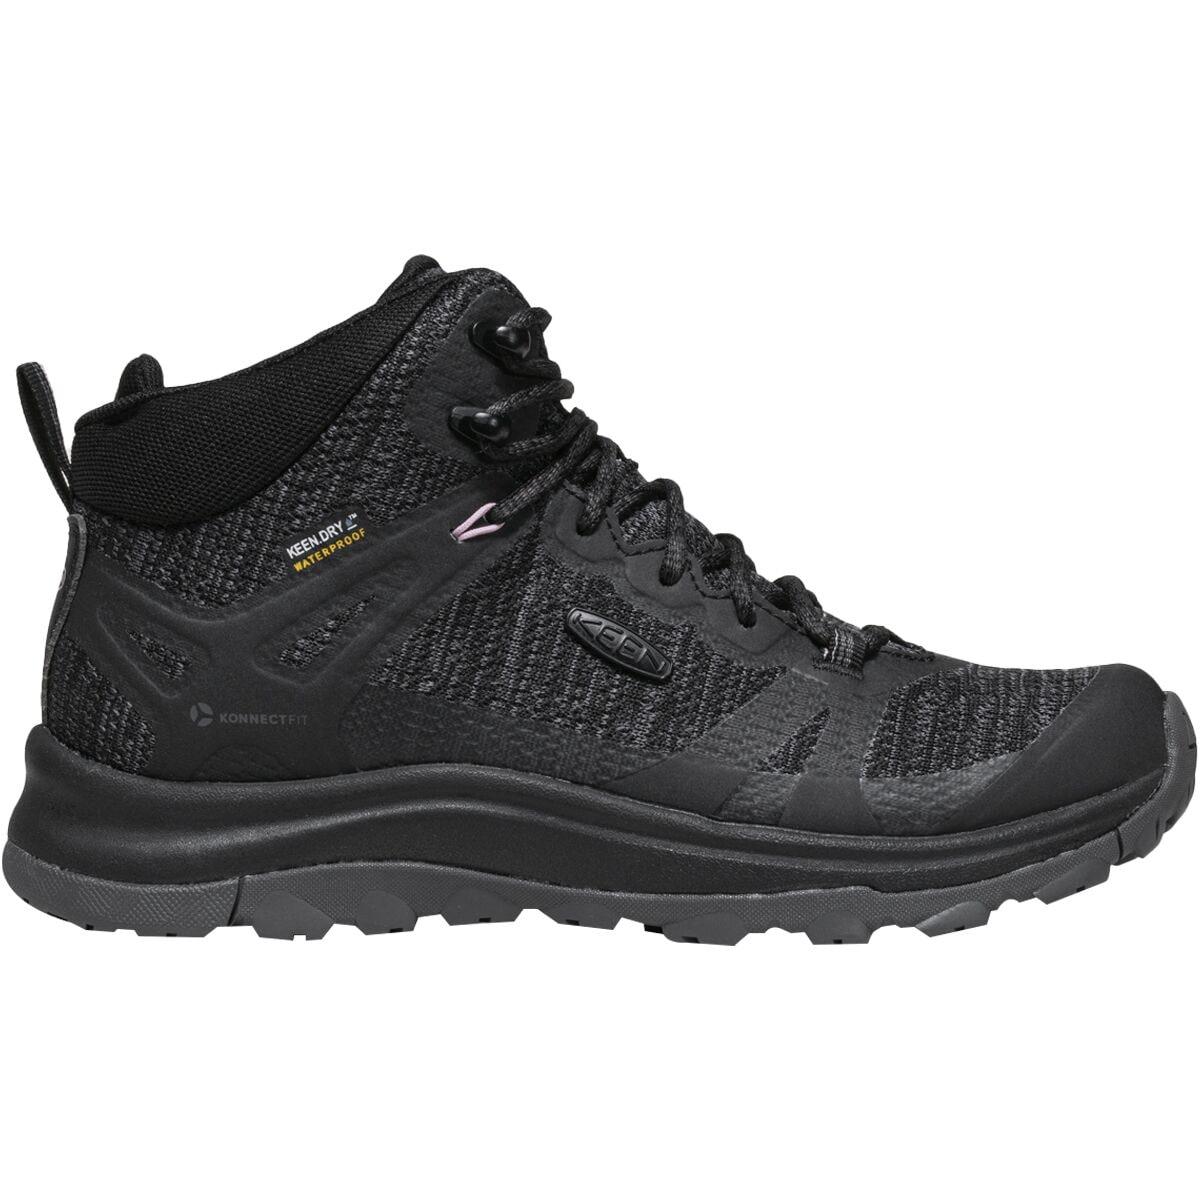 KEEN Terradora II Mid WP Hiking Boot